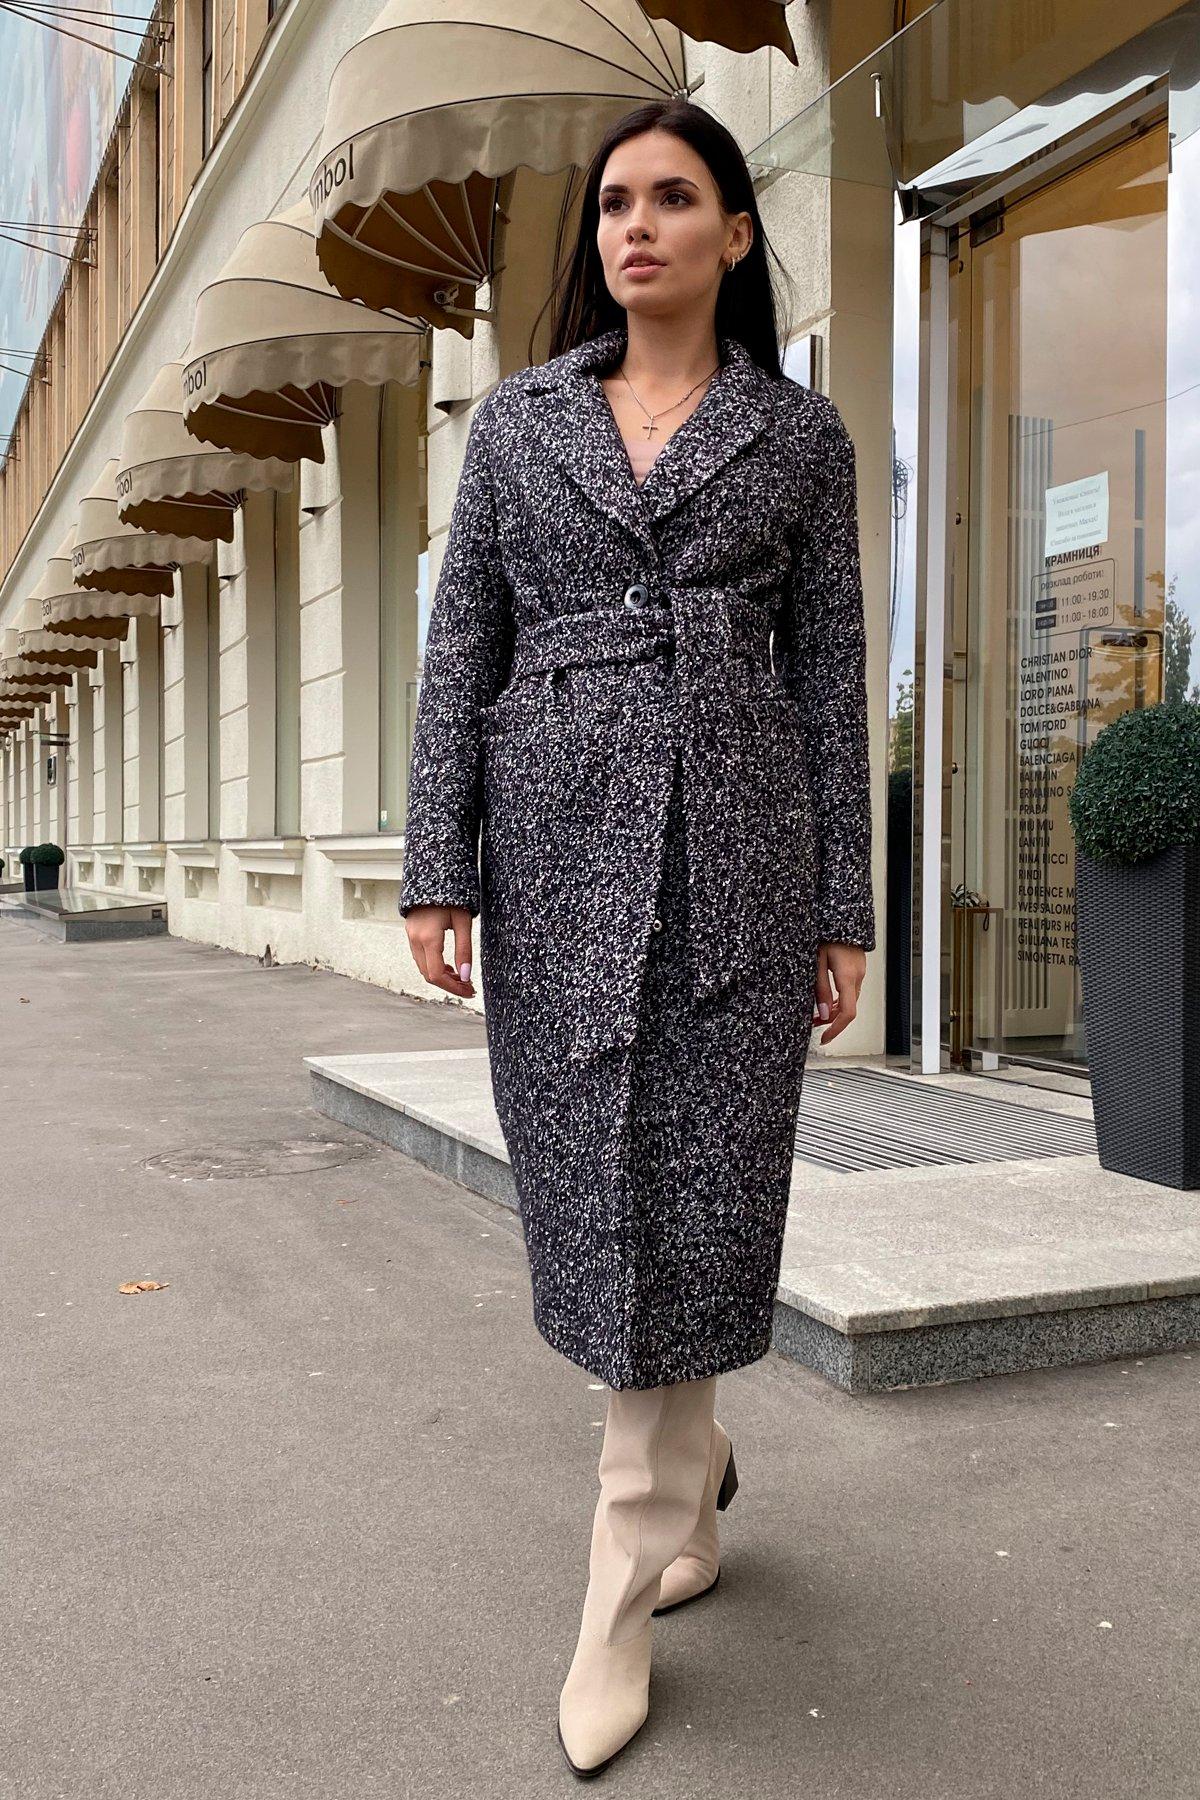 Теплое зимнее пальто буклированная шерсть Вива макси 8349 АРТ. 44517 Цвет: Черный/серый 61 - фото 10, интернет магазин tm-modus.ru